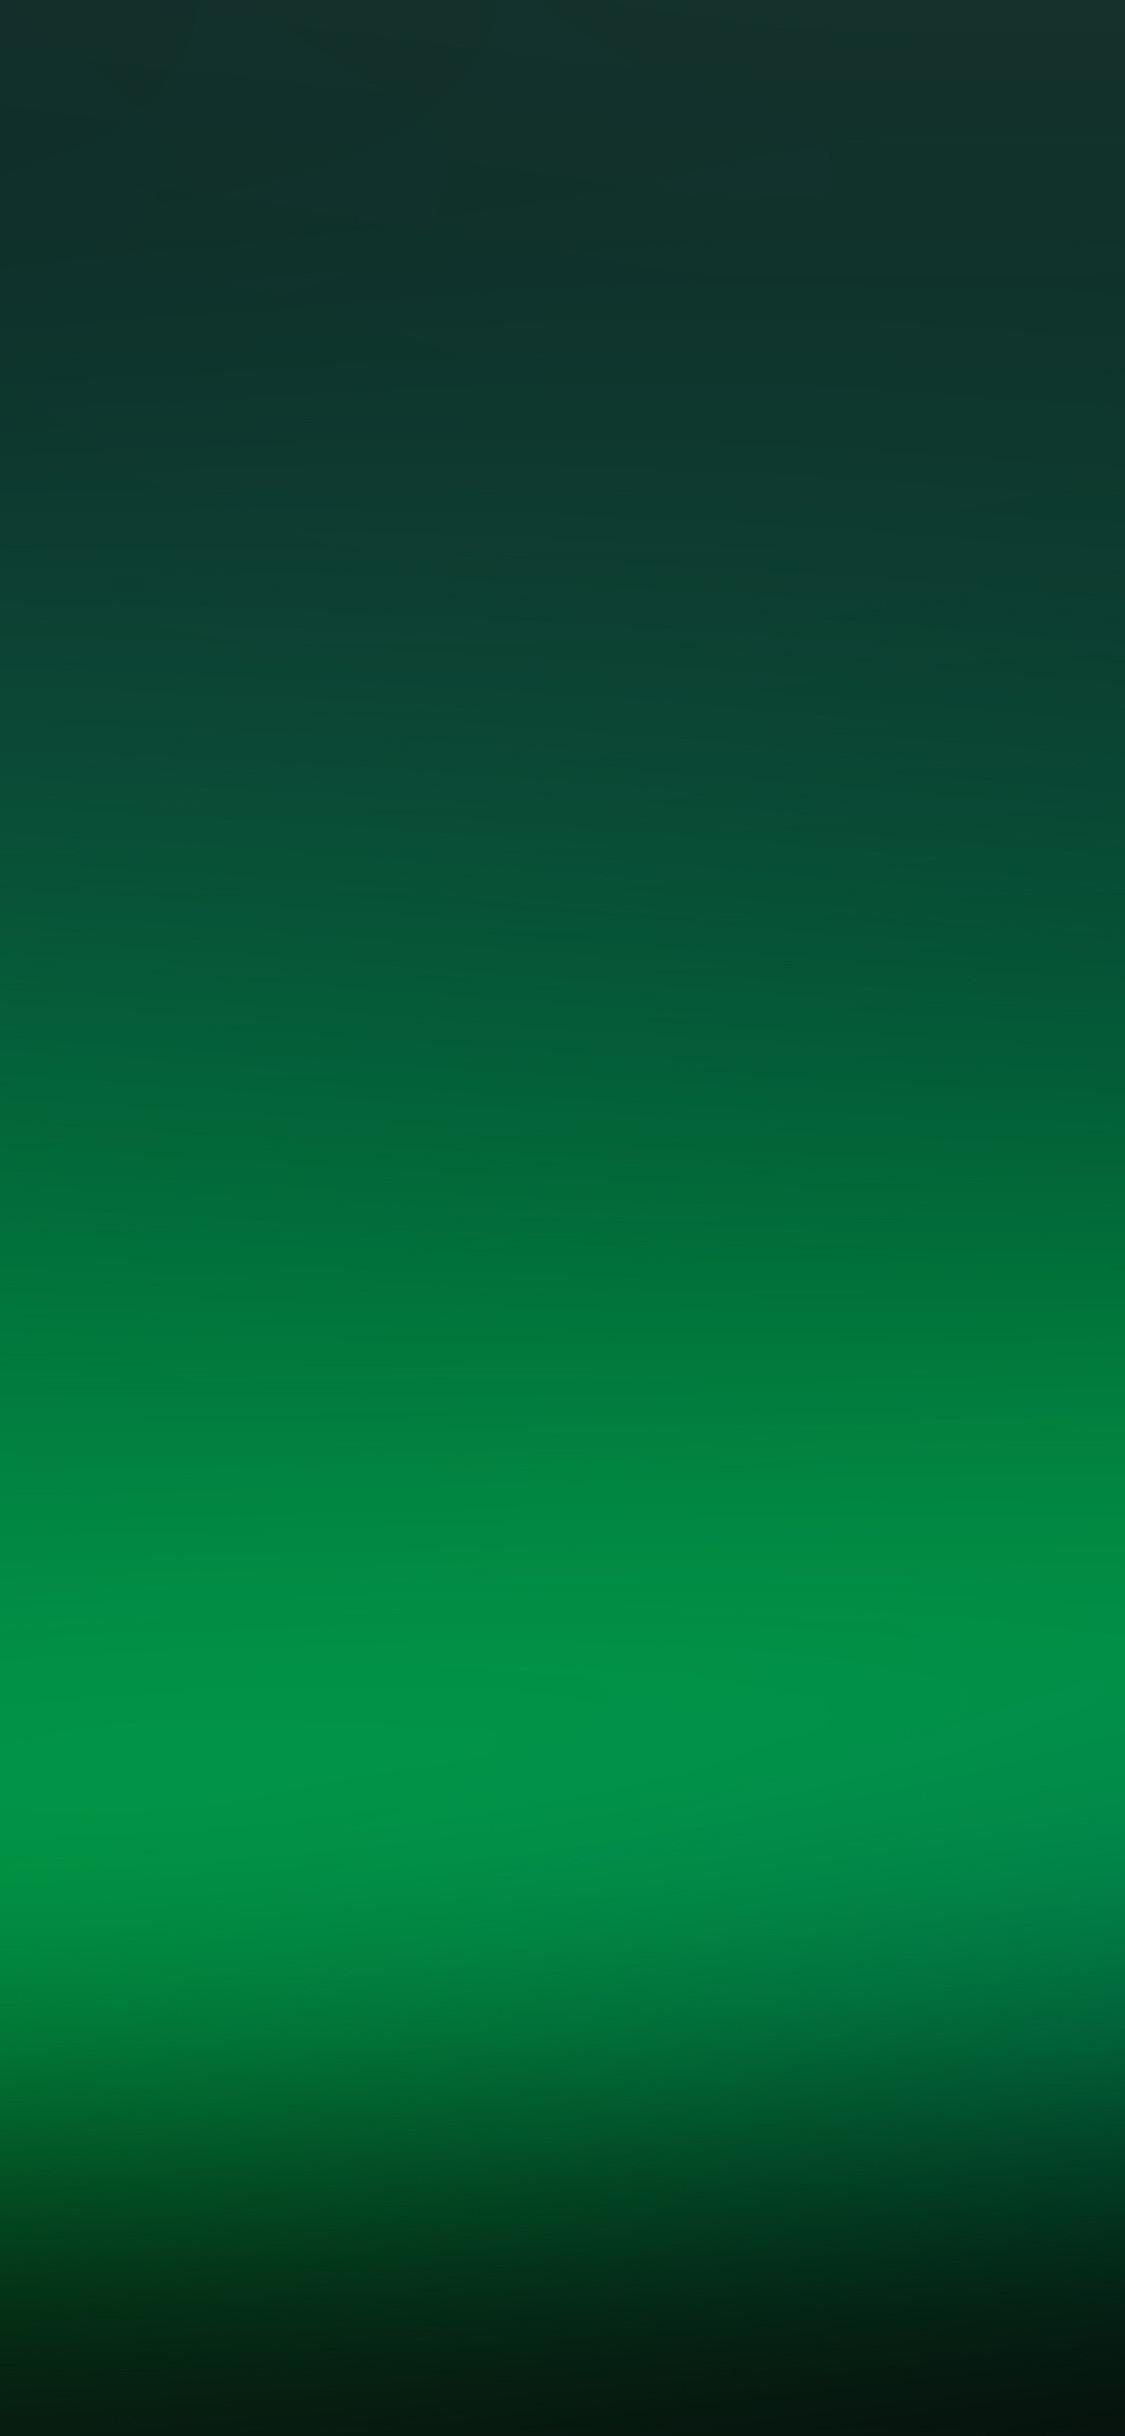 Res: 1125x2436, Iphonexpapers Com Iphone X Wallpaper Sj22 Clear Green Soft